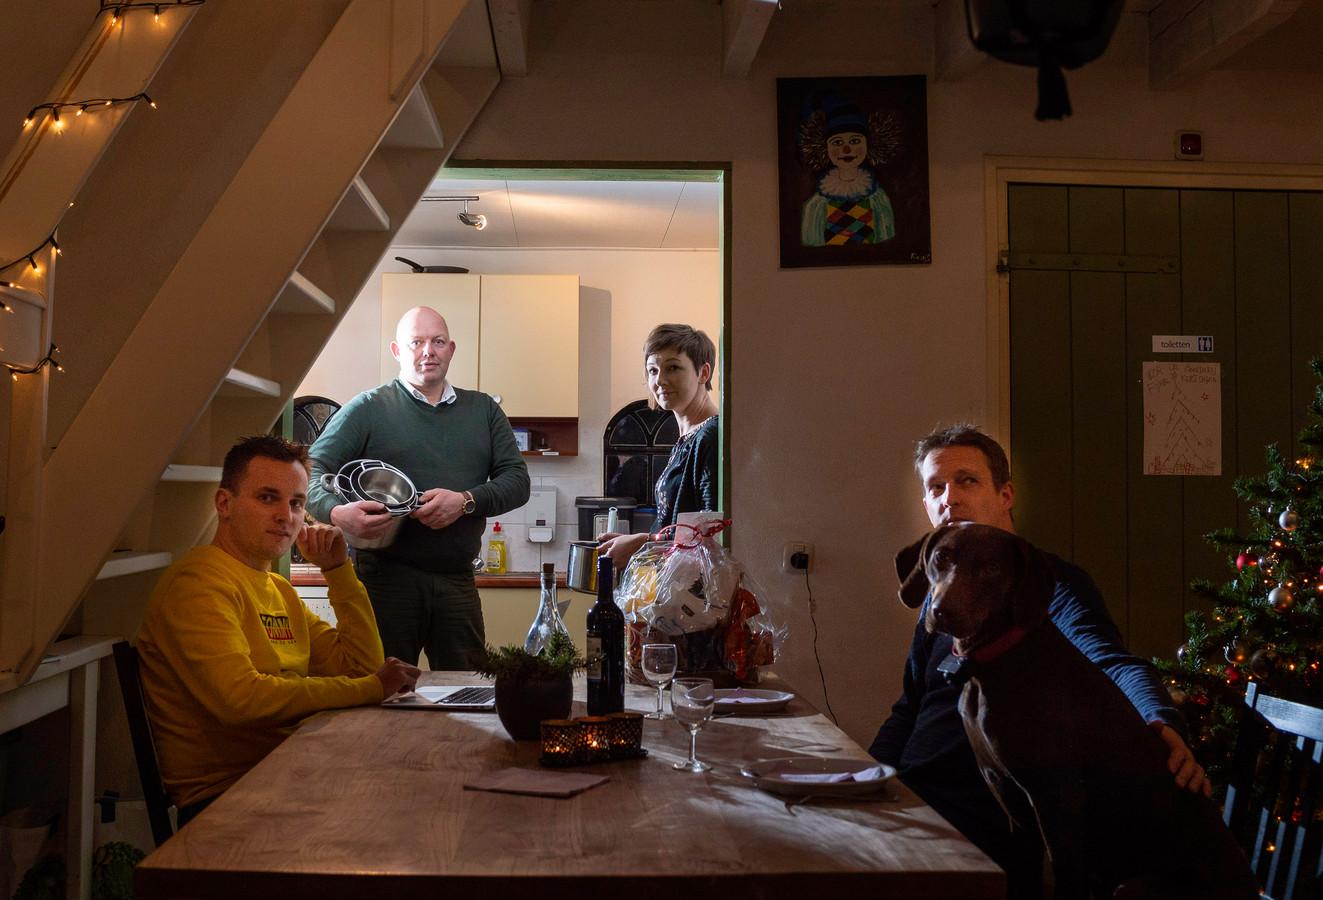 Een deel van het team van `Kerst met een Missie`. Vlnr: Jan Lowin IJzerman, Zwier vd Weerd, Marjolein Tuinman en Jan Pieter Tuinman.